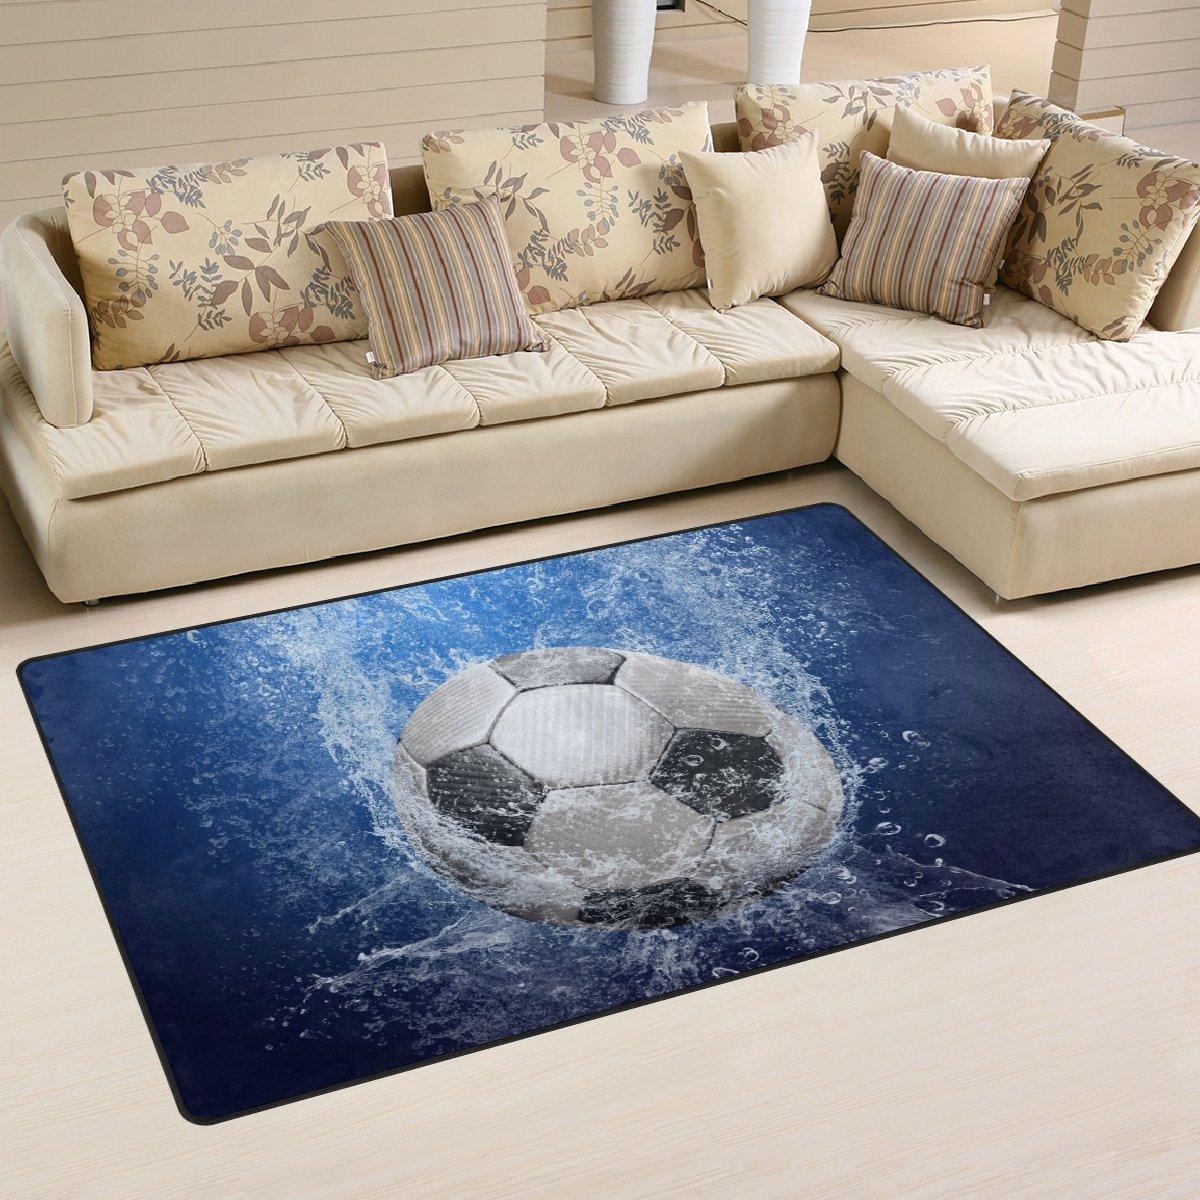 Naanle gocce d' acqua da calcio tappeto antiscivolo per per camera da letto, soggiorno, cucina 50x 80cm (1.7'x 2.6' ft), sport nursery tappeto pavimento tappetino yoga, Multi, 50 x 80 cm(1.7' x 2.6')